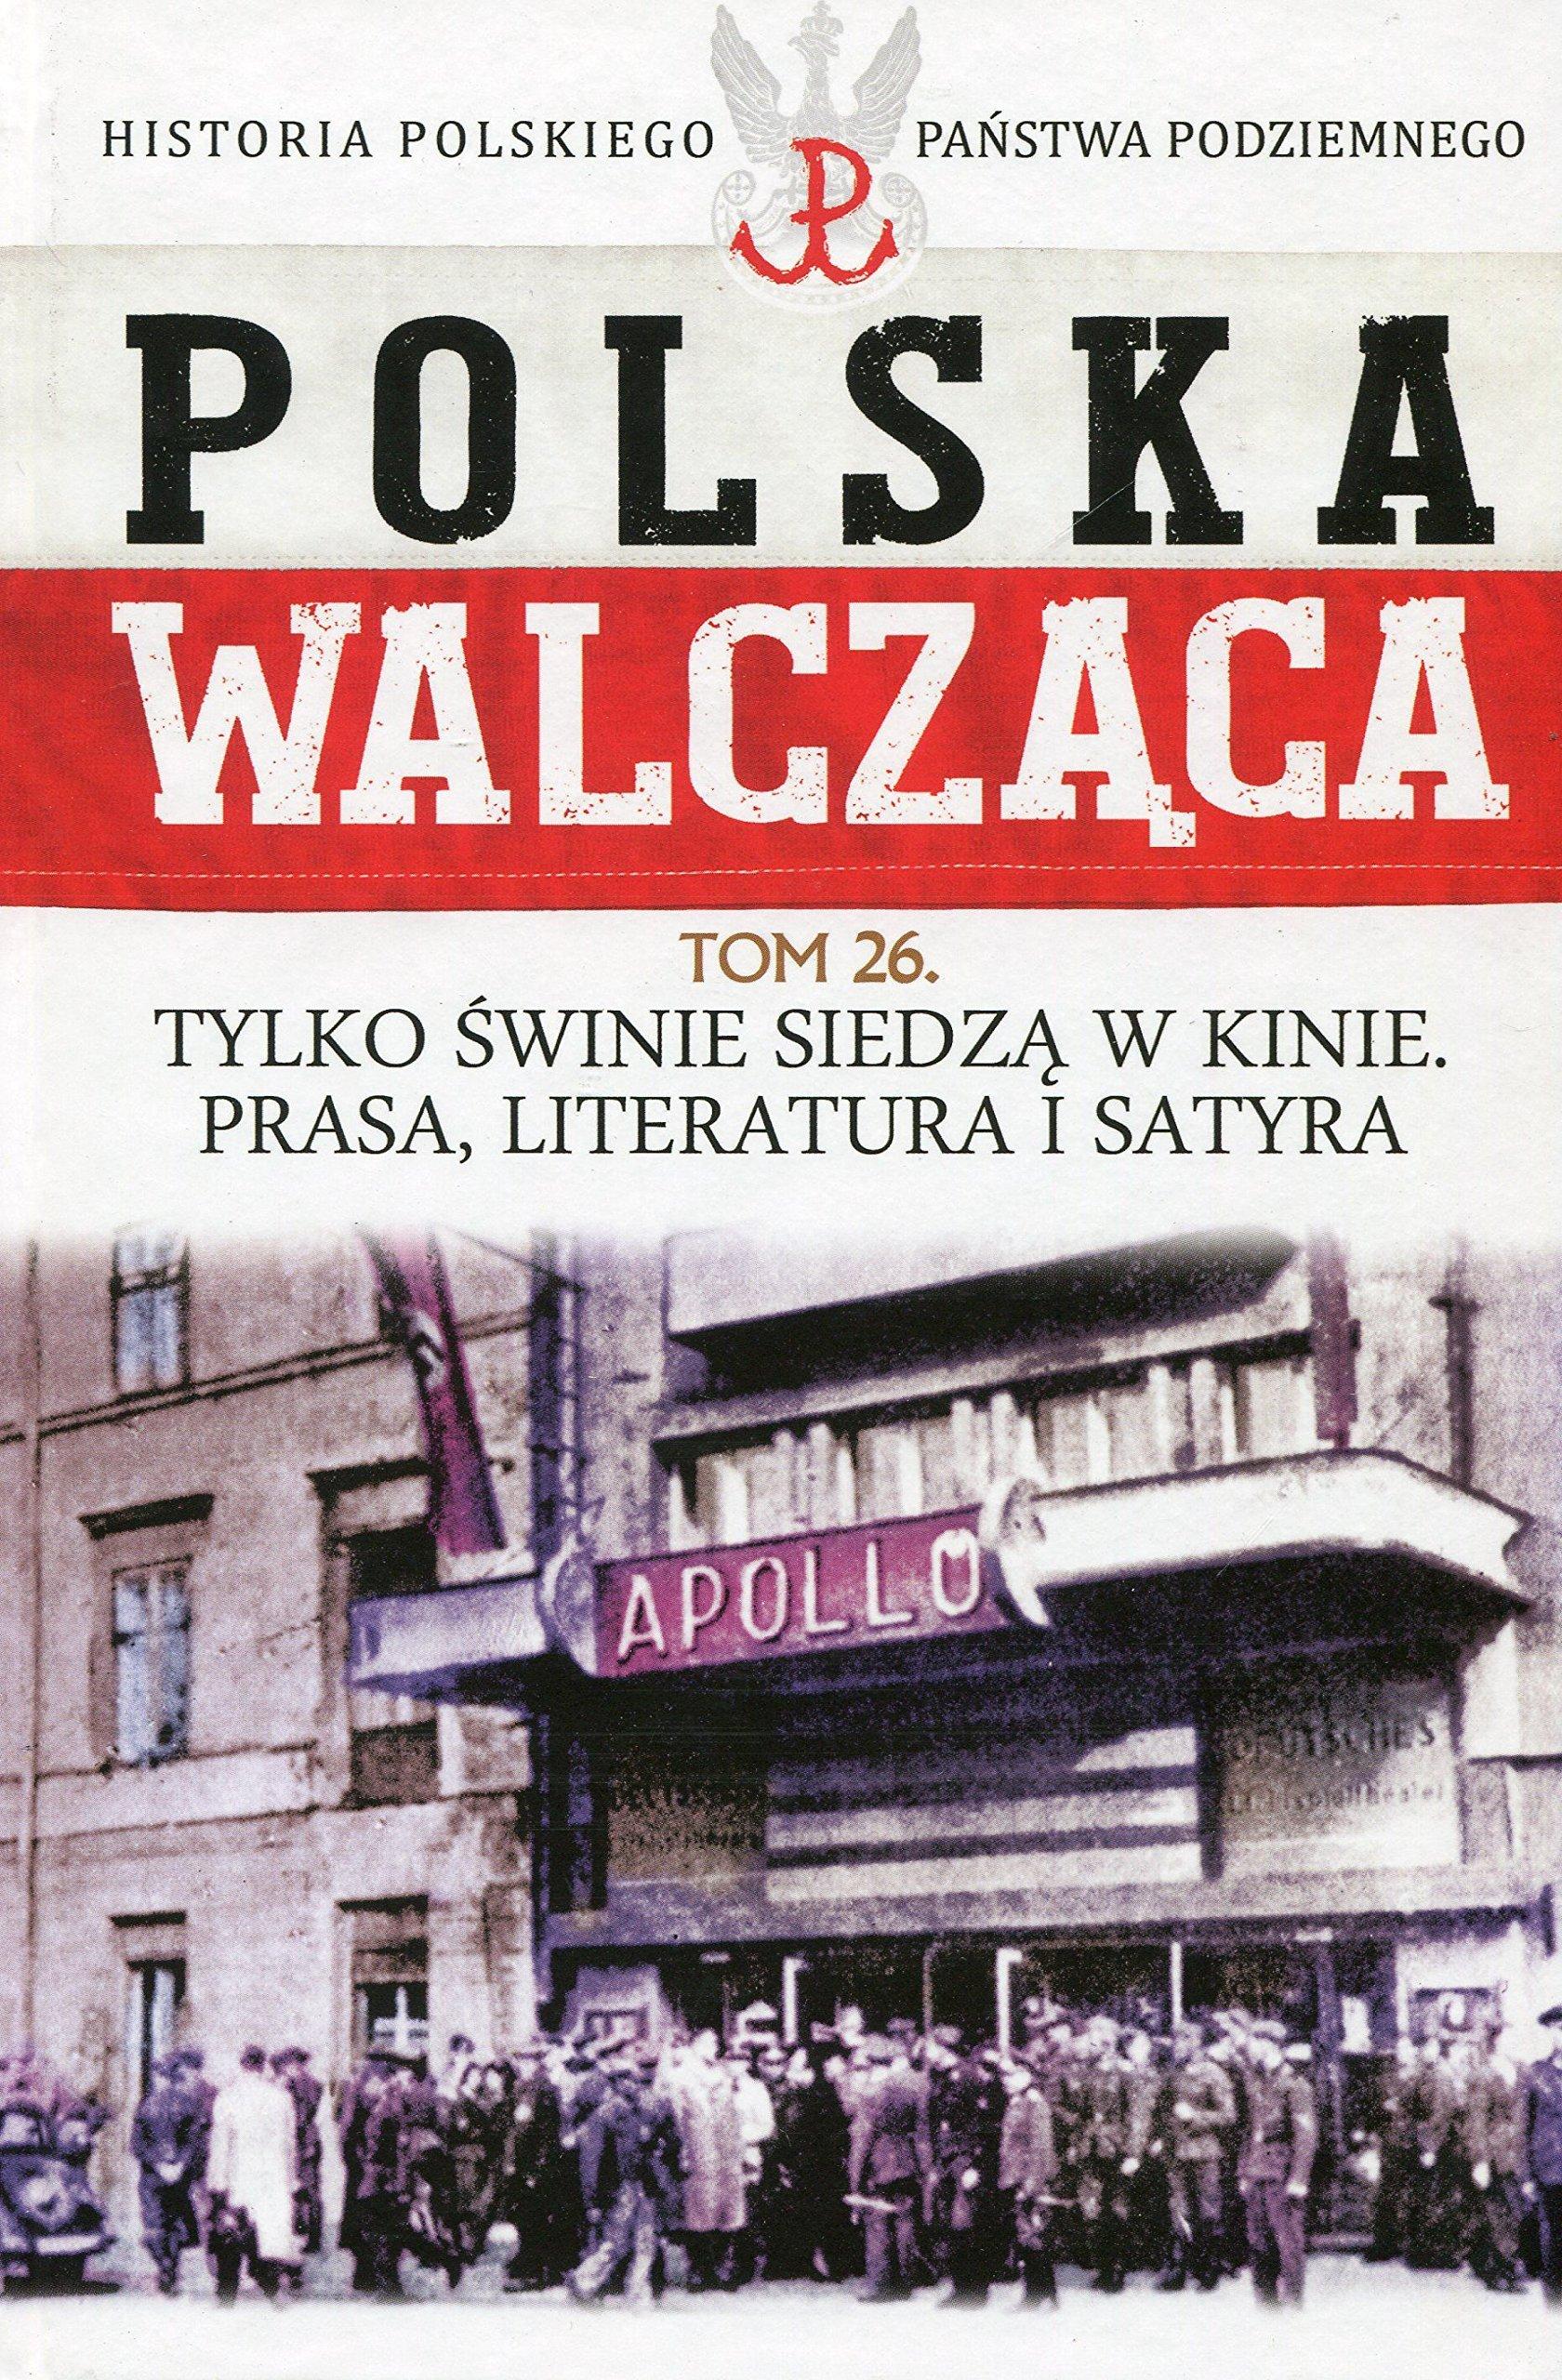 Polska Walczaca Historia Polskiego Panstwa Podziemnego Tom 26 Tylko Swinie Siedza W Kinie Prasa Literatura I Satyra